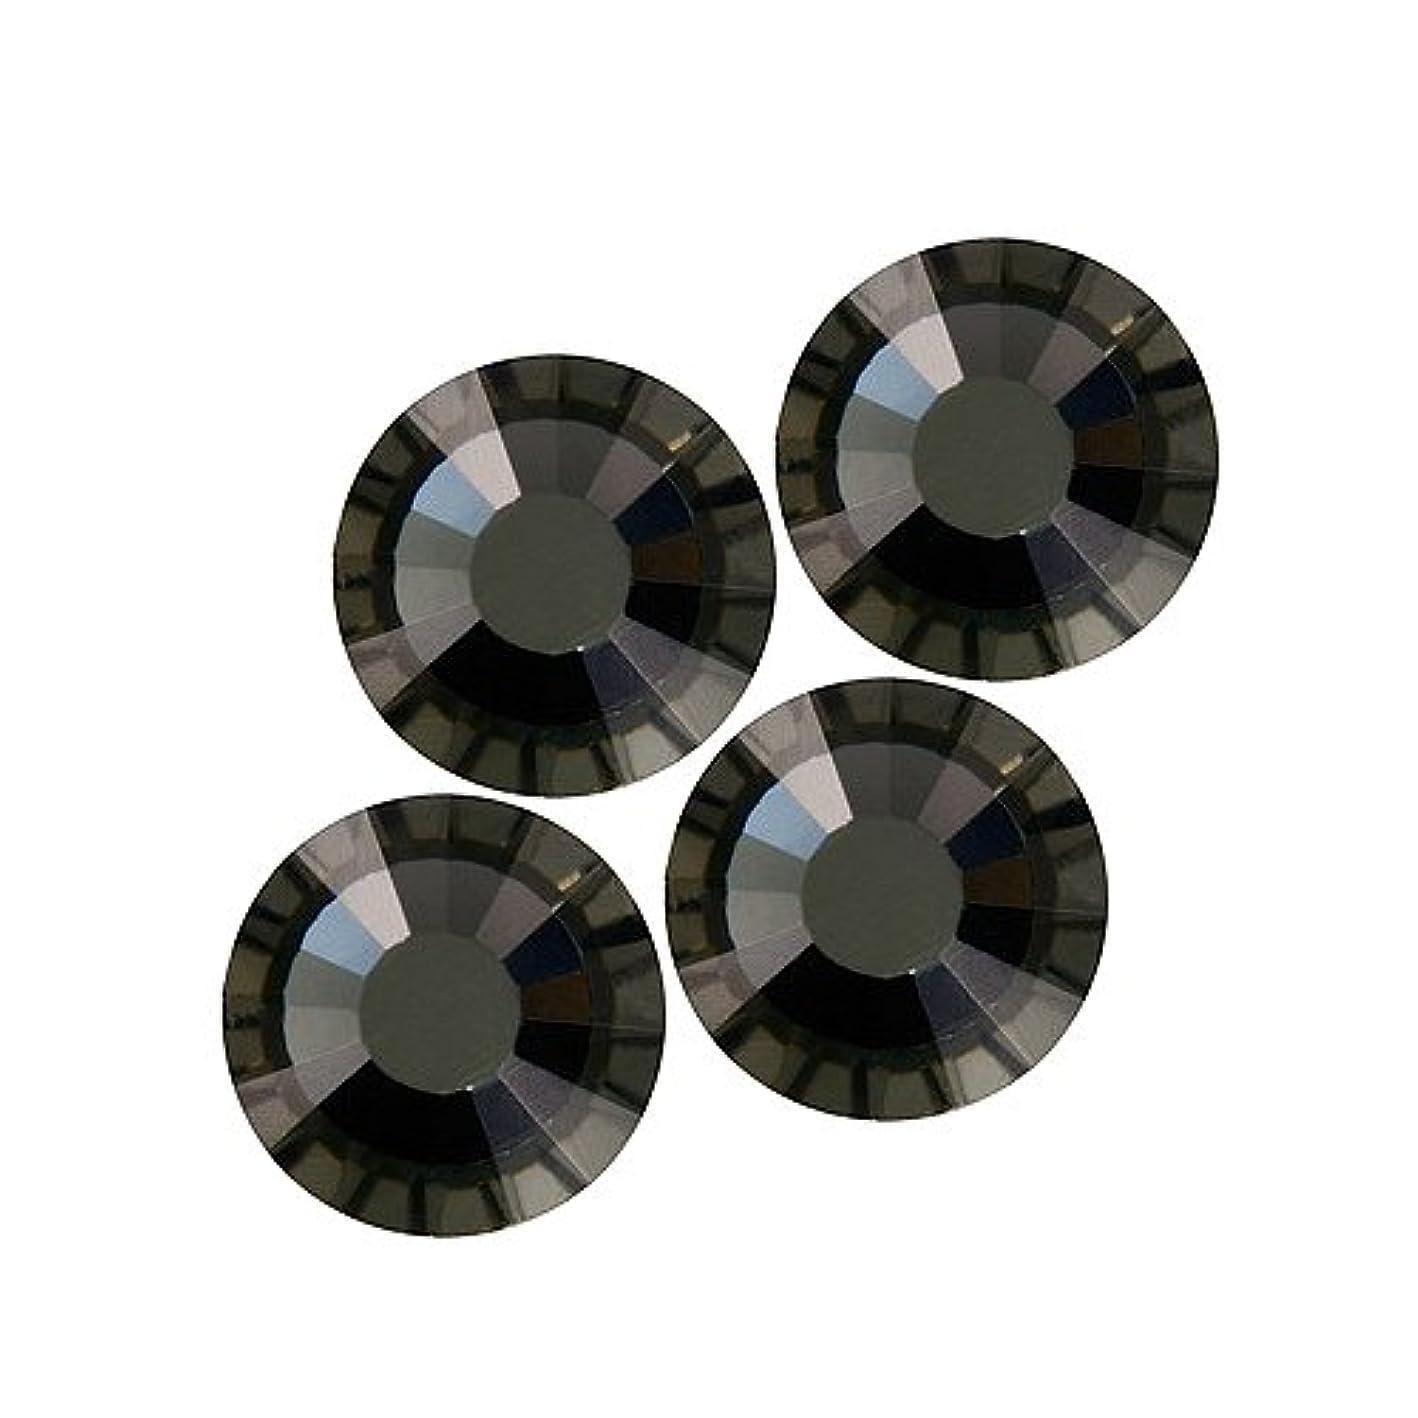 白菜軽食ピアバイナル DIAMOND RHINESTONE ブラックダイアモンド SS16 720粒 ST-SS16-BKD-5G